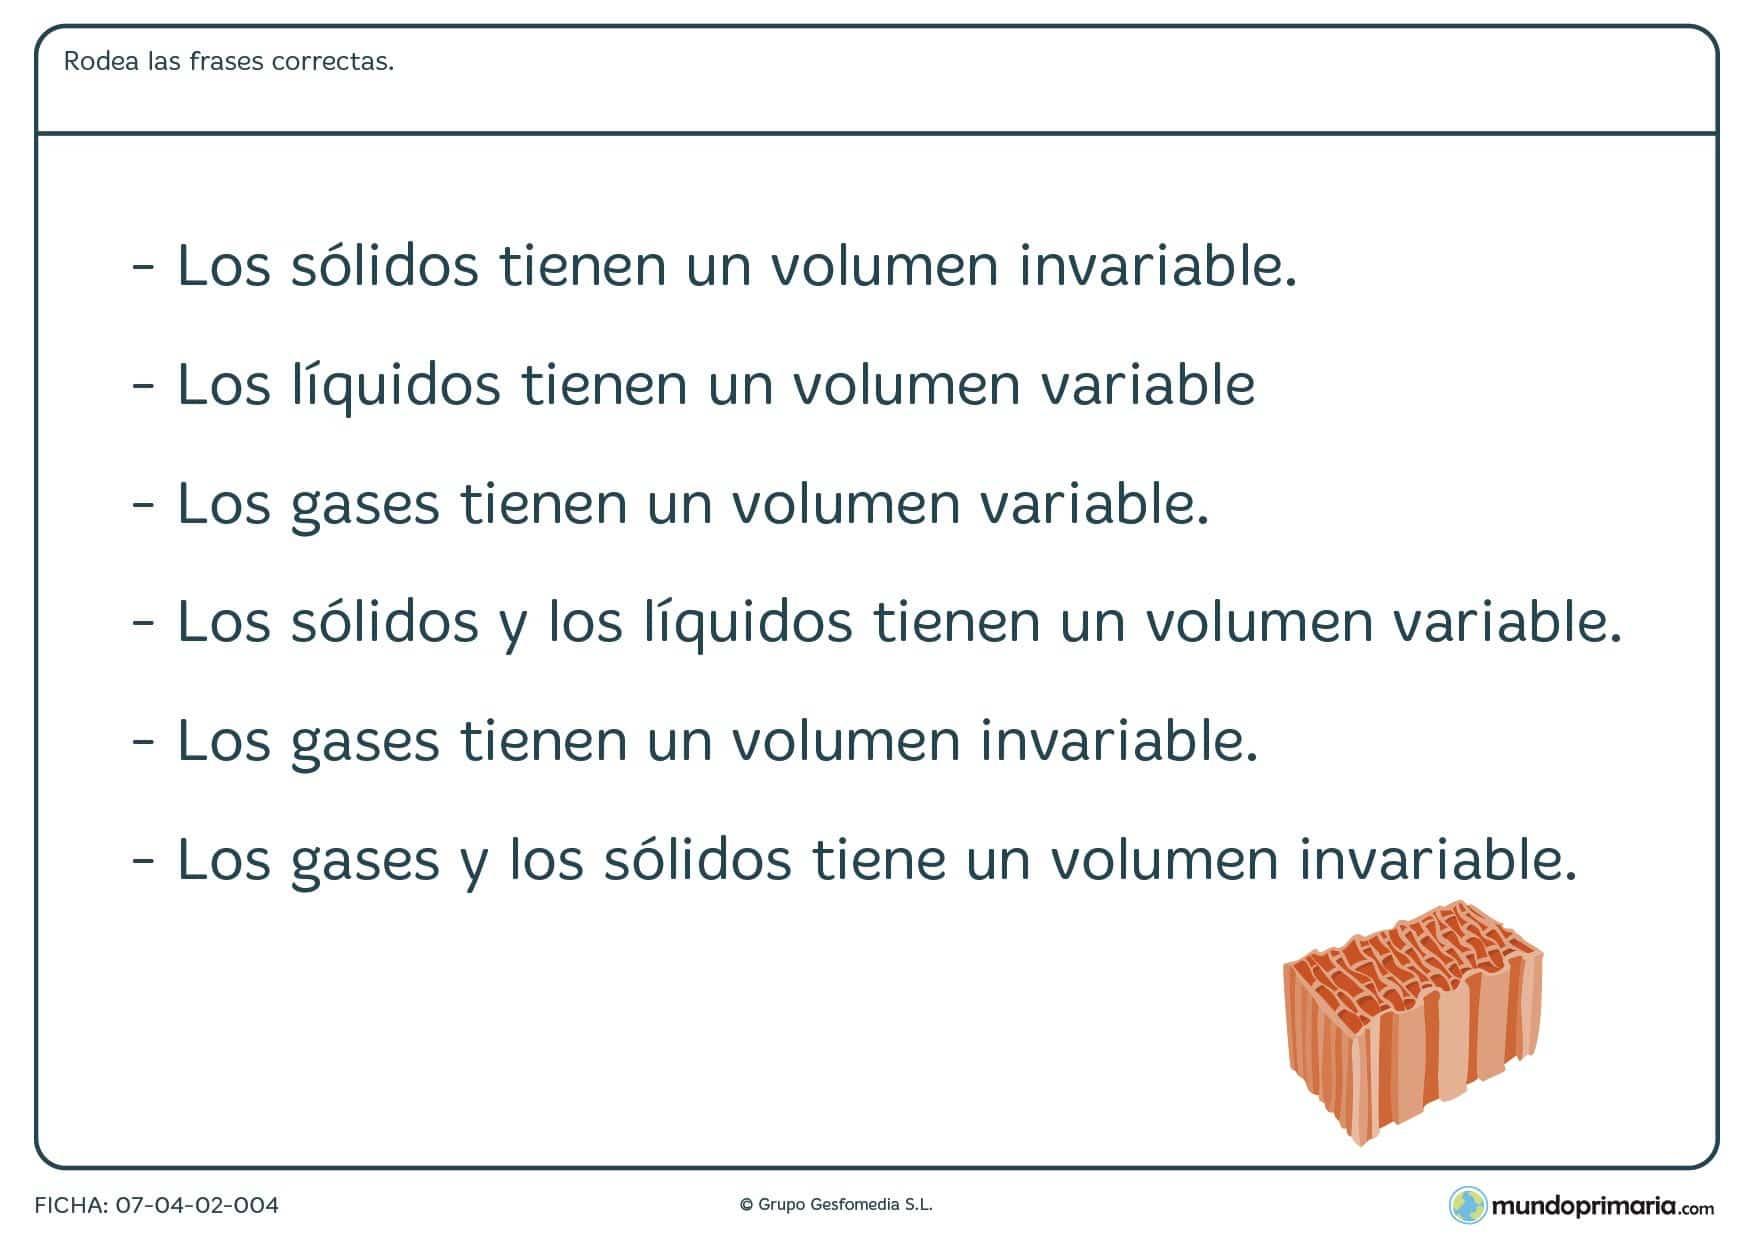 Ficha de tipos de gases para primaria